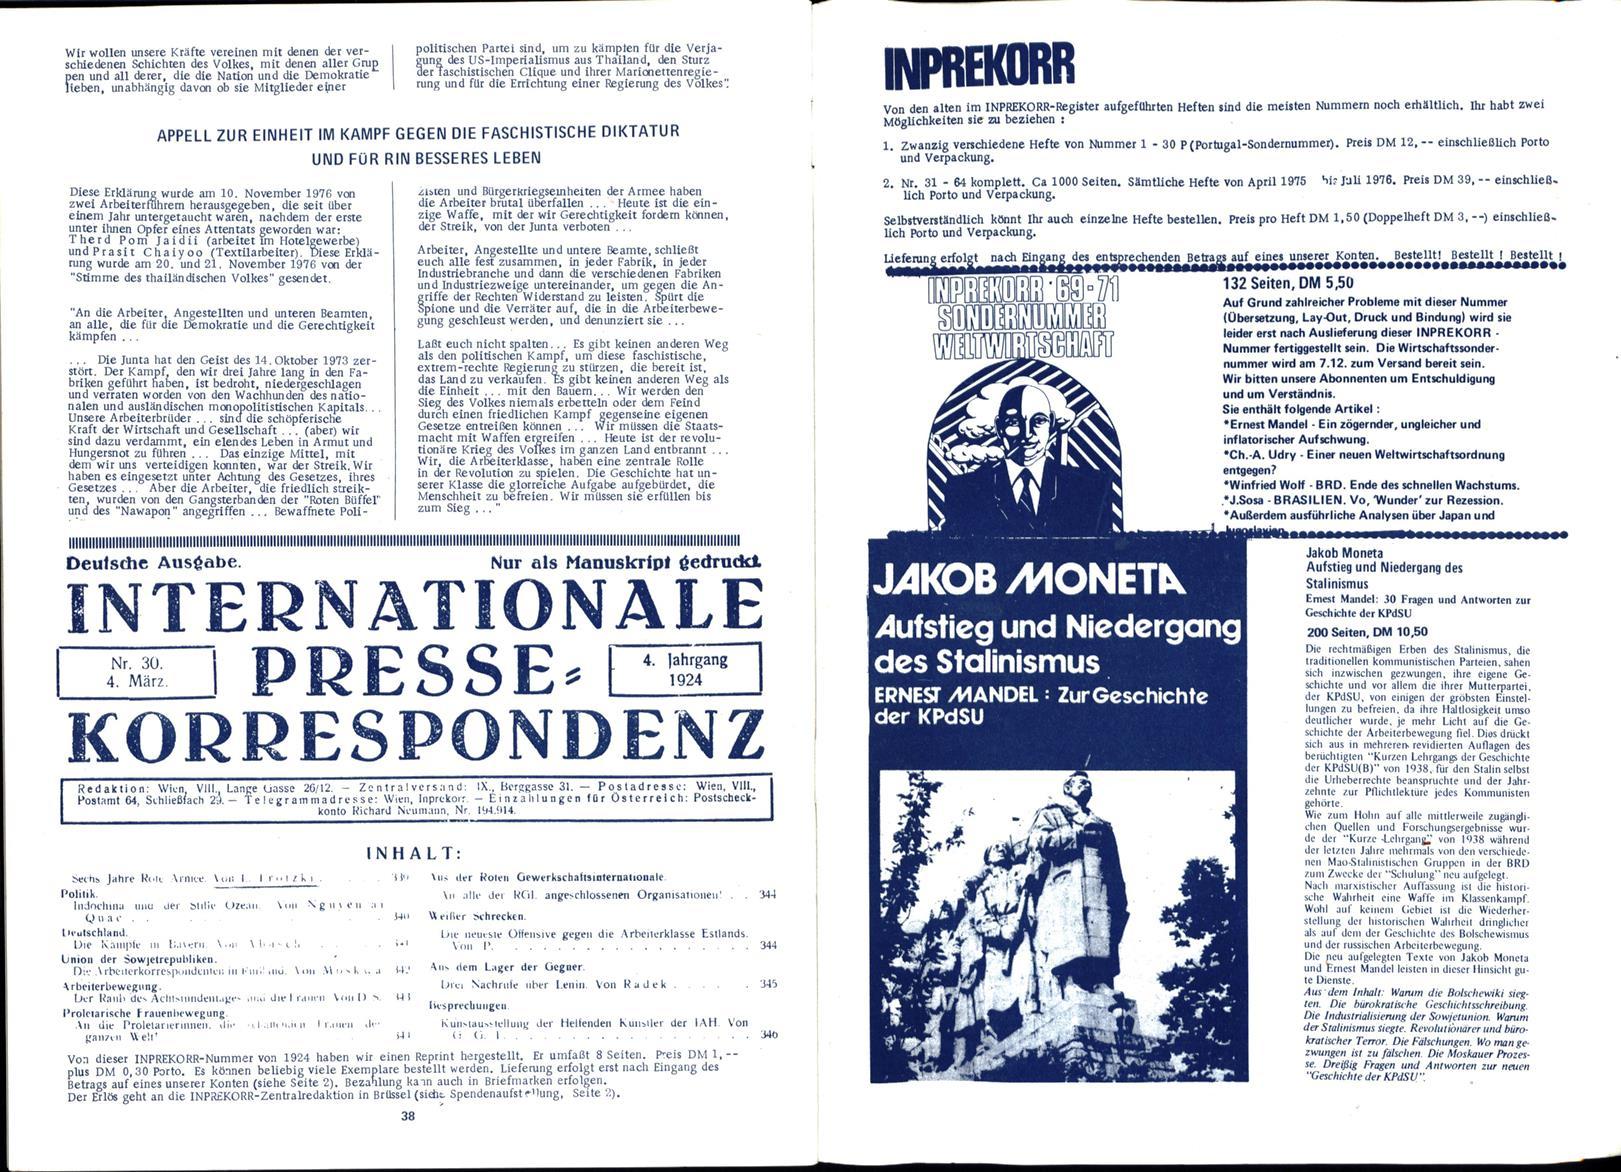 Inprekorr_19761222_073_020